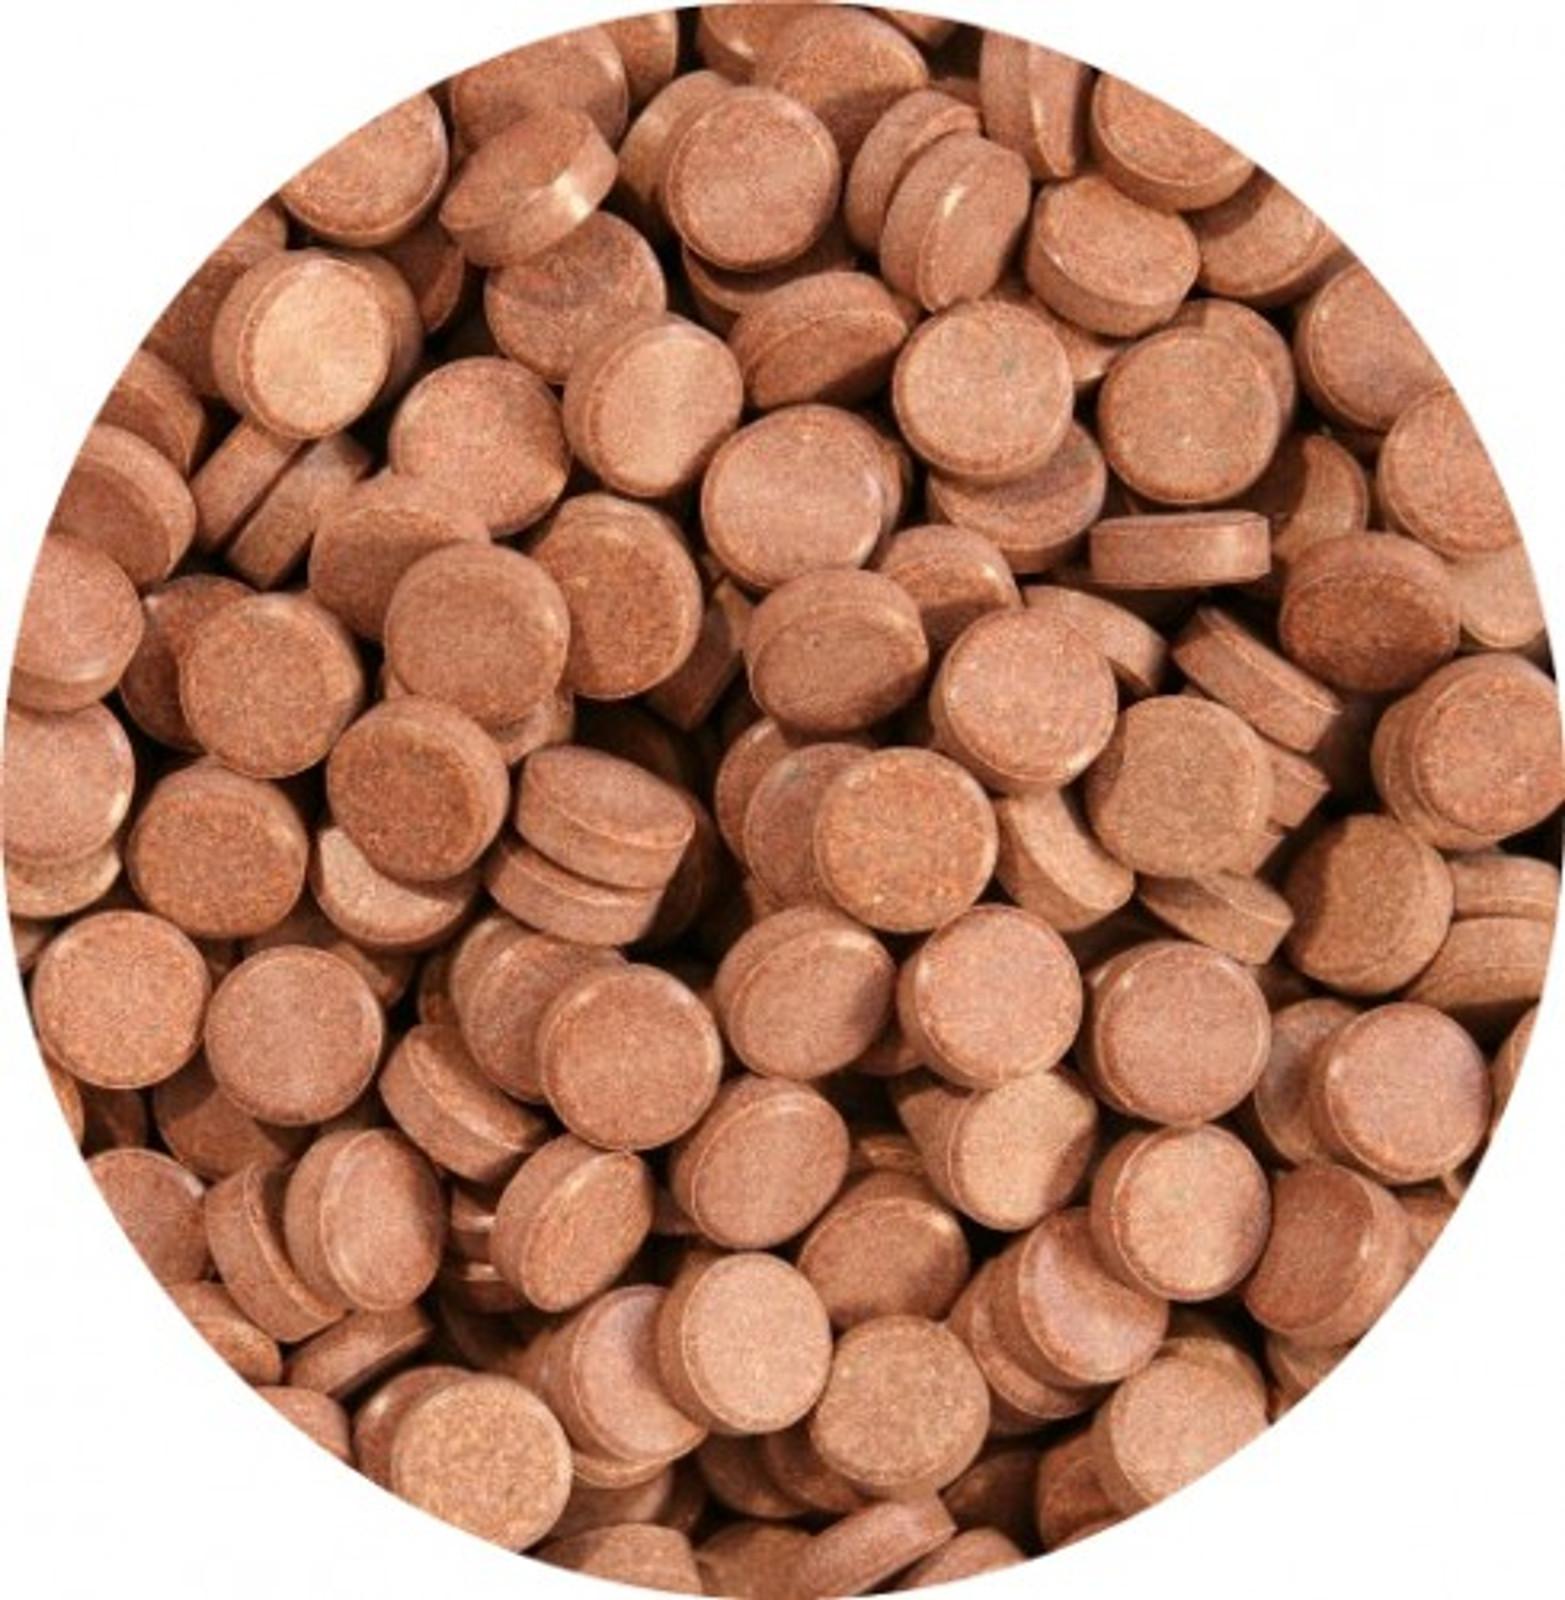 Aquaristik-Paradies Hauptfuttertabletten 375 g (ca. 500 ml) - verwendbar als Haft- und Bodentablette